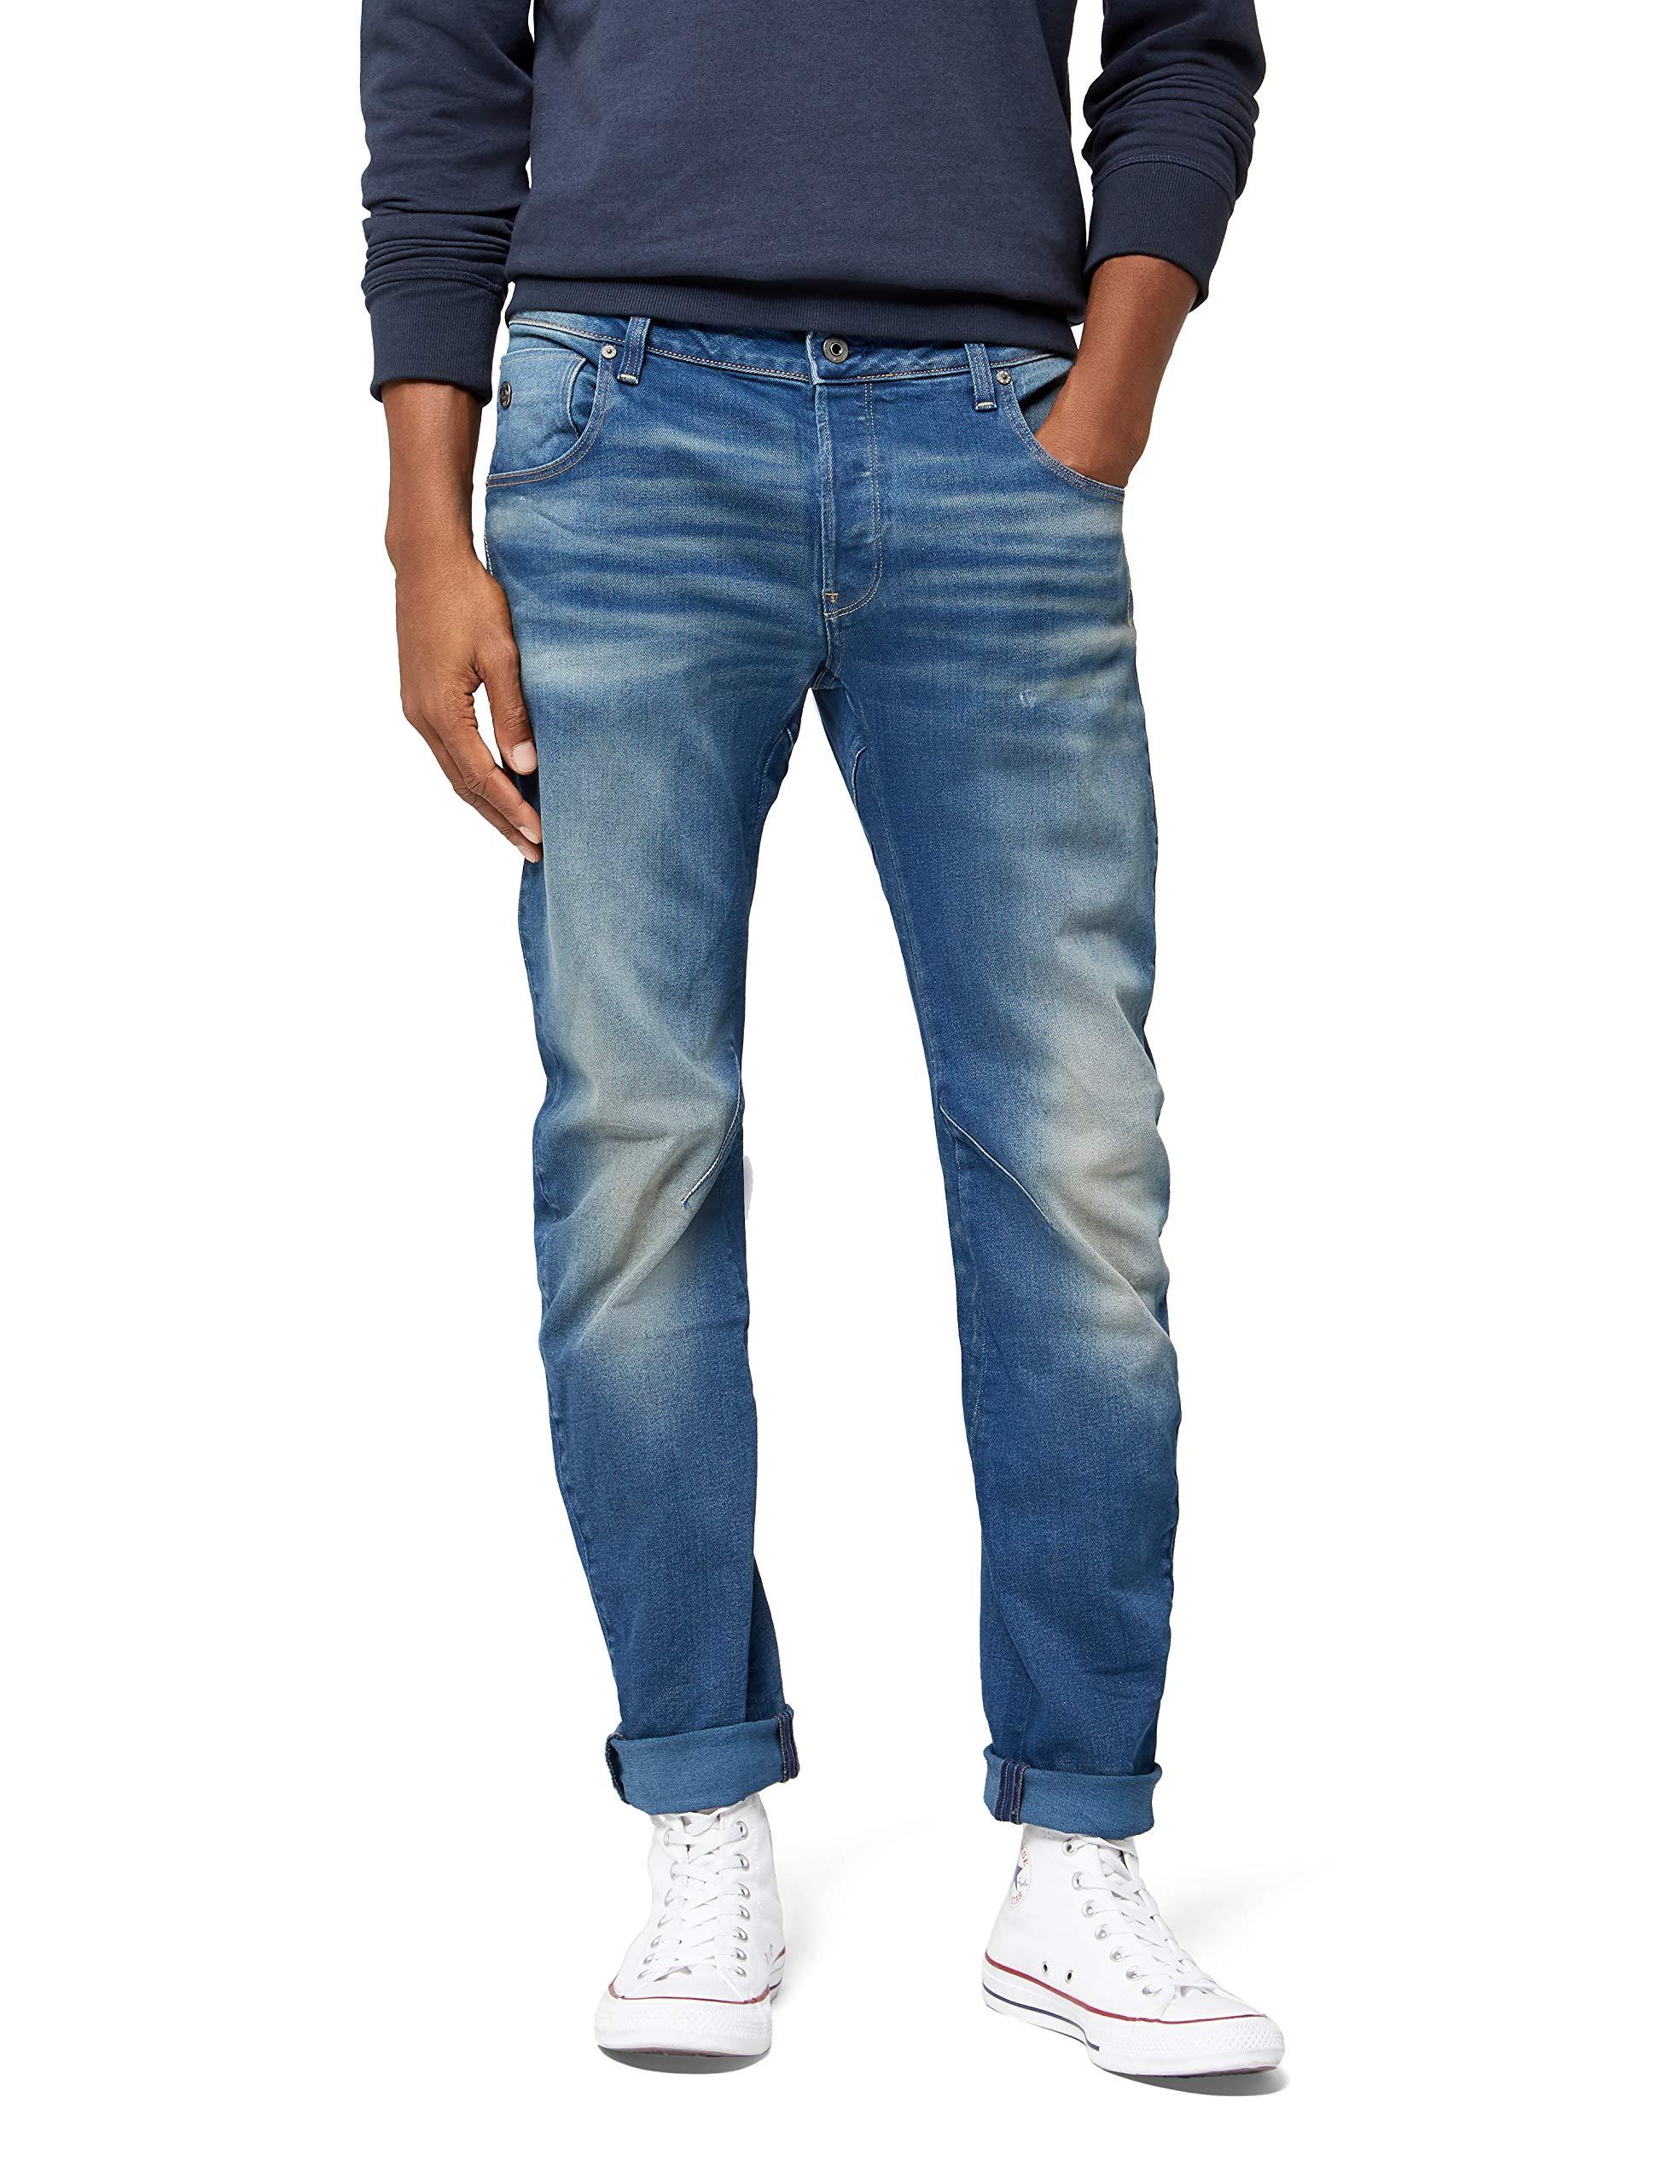 SlimJeans Aged Arc star G Raw 3d 071W27 HommeBleumedium l30 WEHID29Y